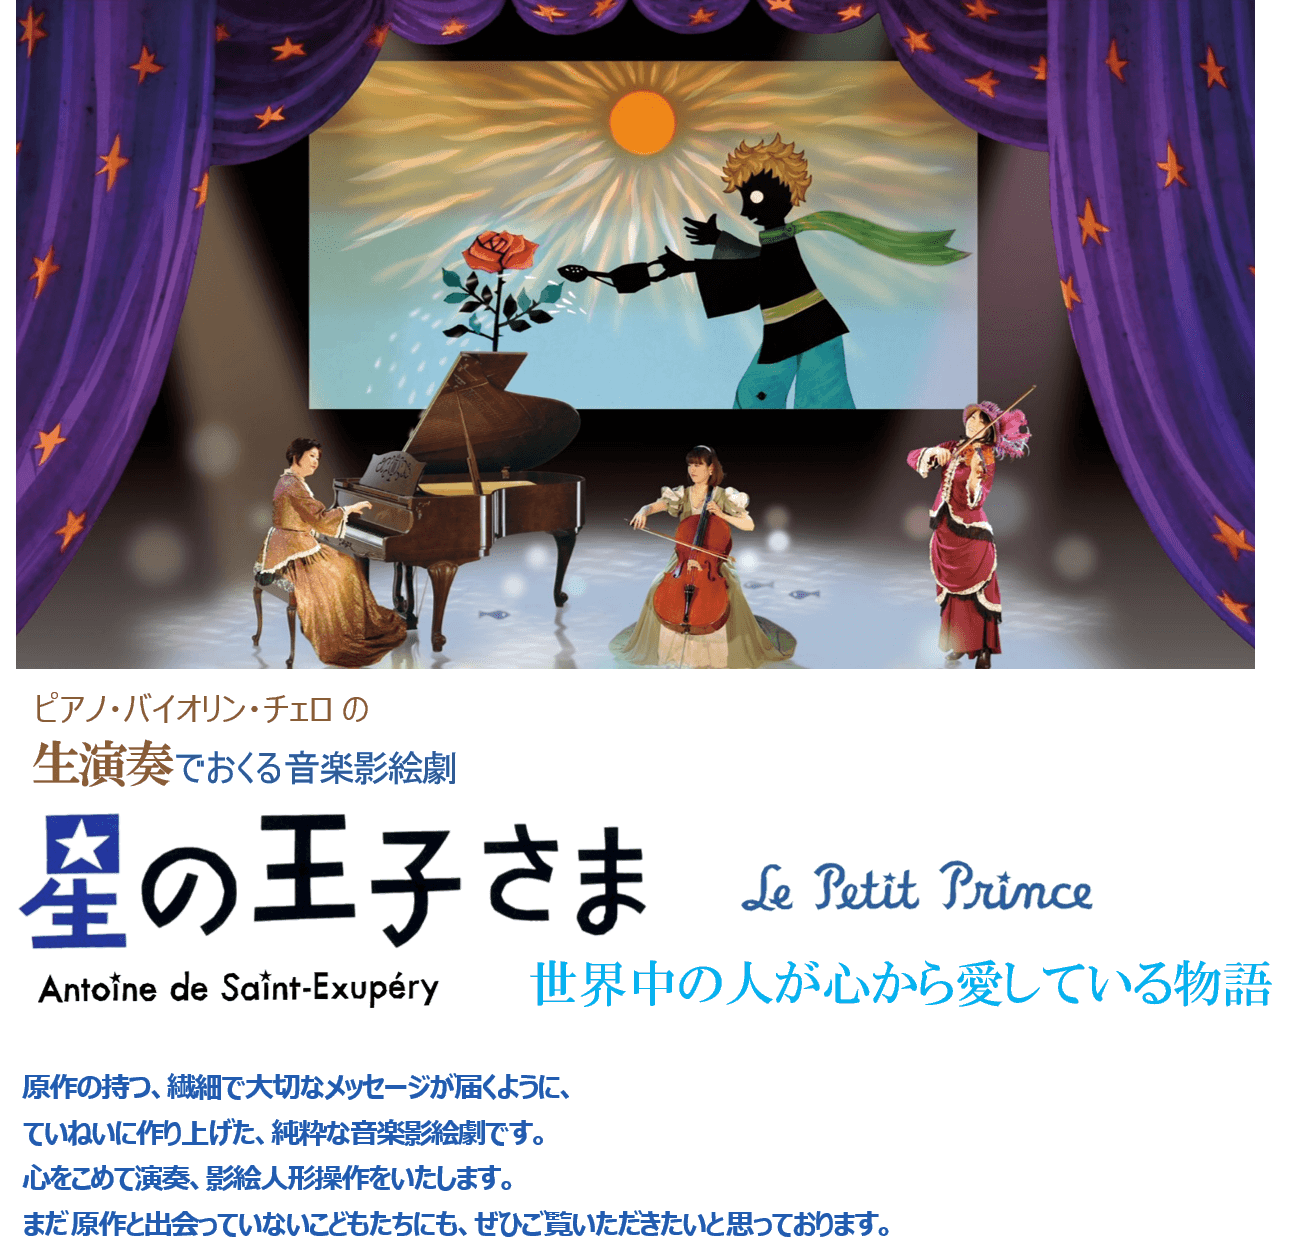 ホール 劇場 星の王子さま 1 (1)